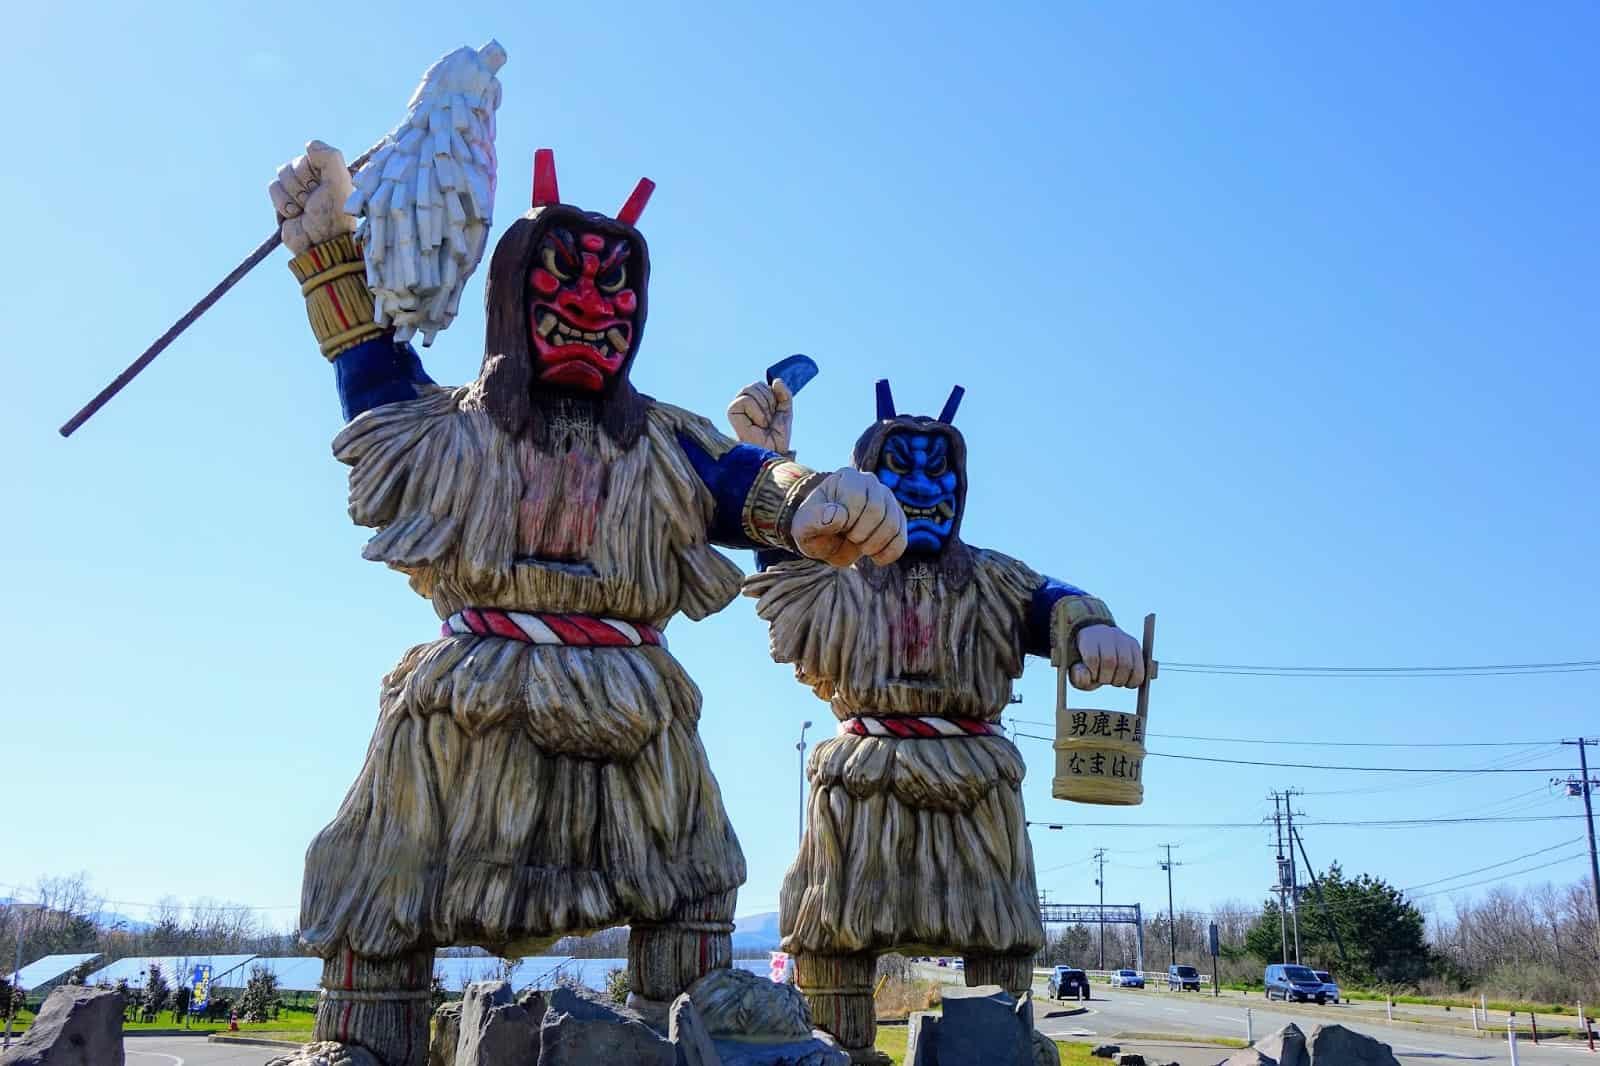 เที่ยว อาคิตะ (Akita) ที่ เมืองโองะ (Oga : 男鹿市)